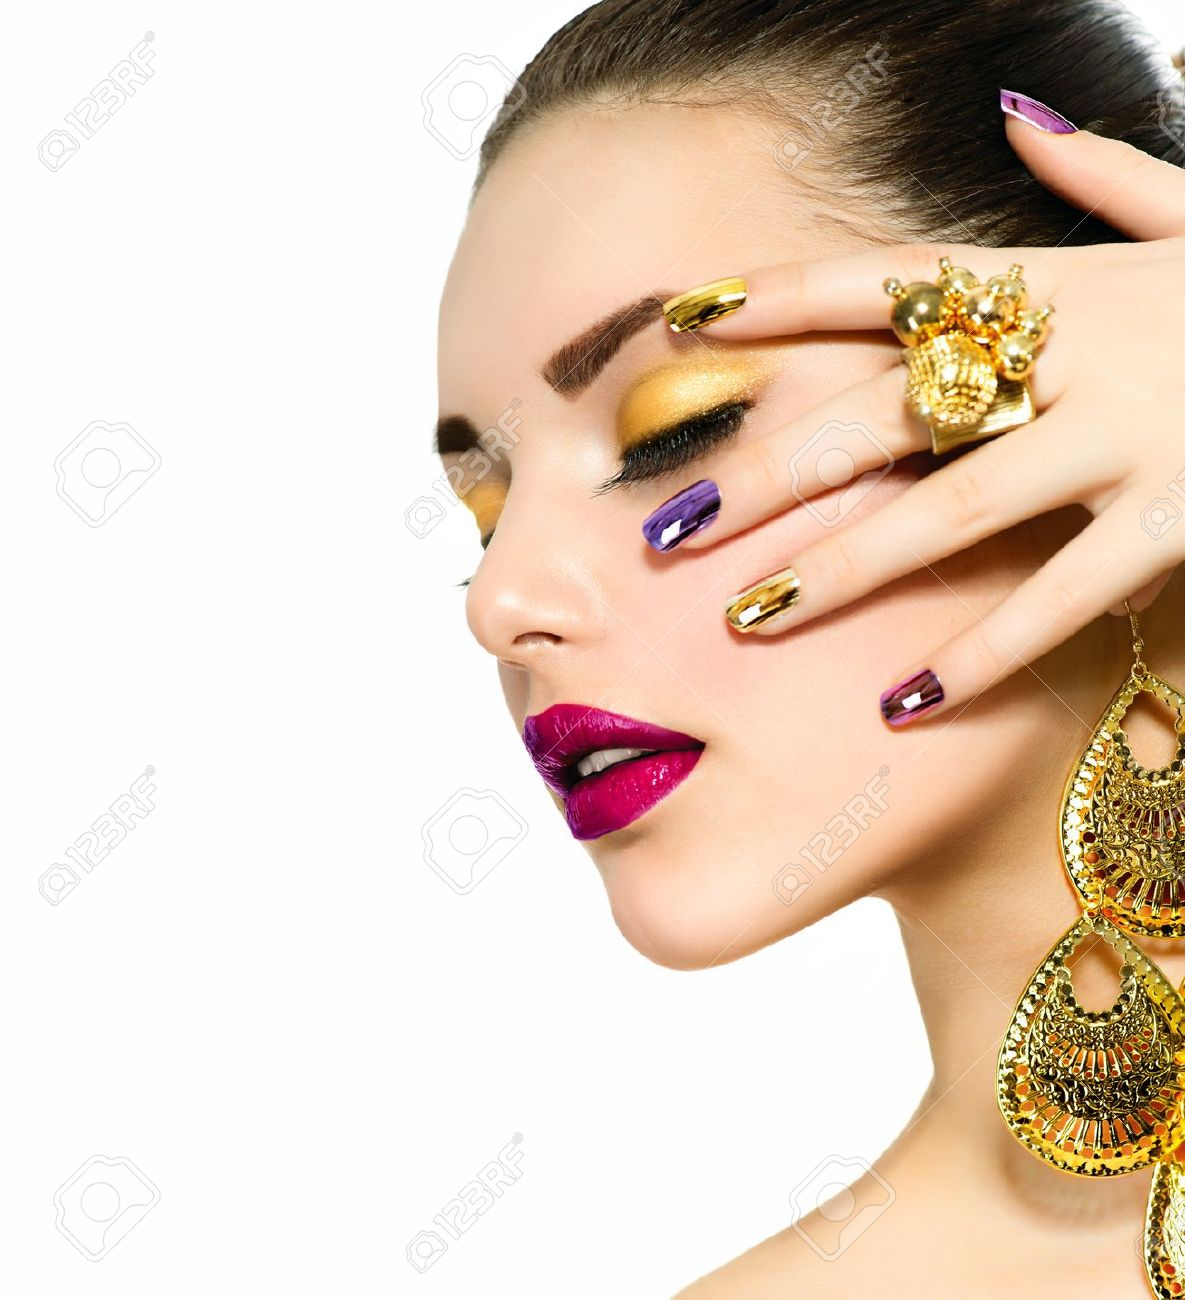 Fashion beauty manicure and make up nail art stock photo picture fashion beauty manicure and make up nail art stock photo 18008800 prinsesfo Image collections